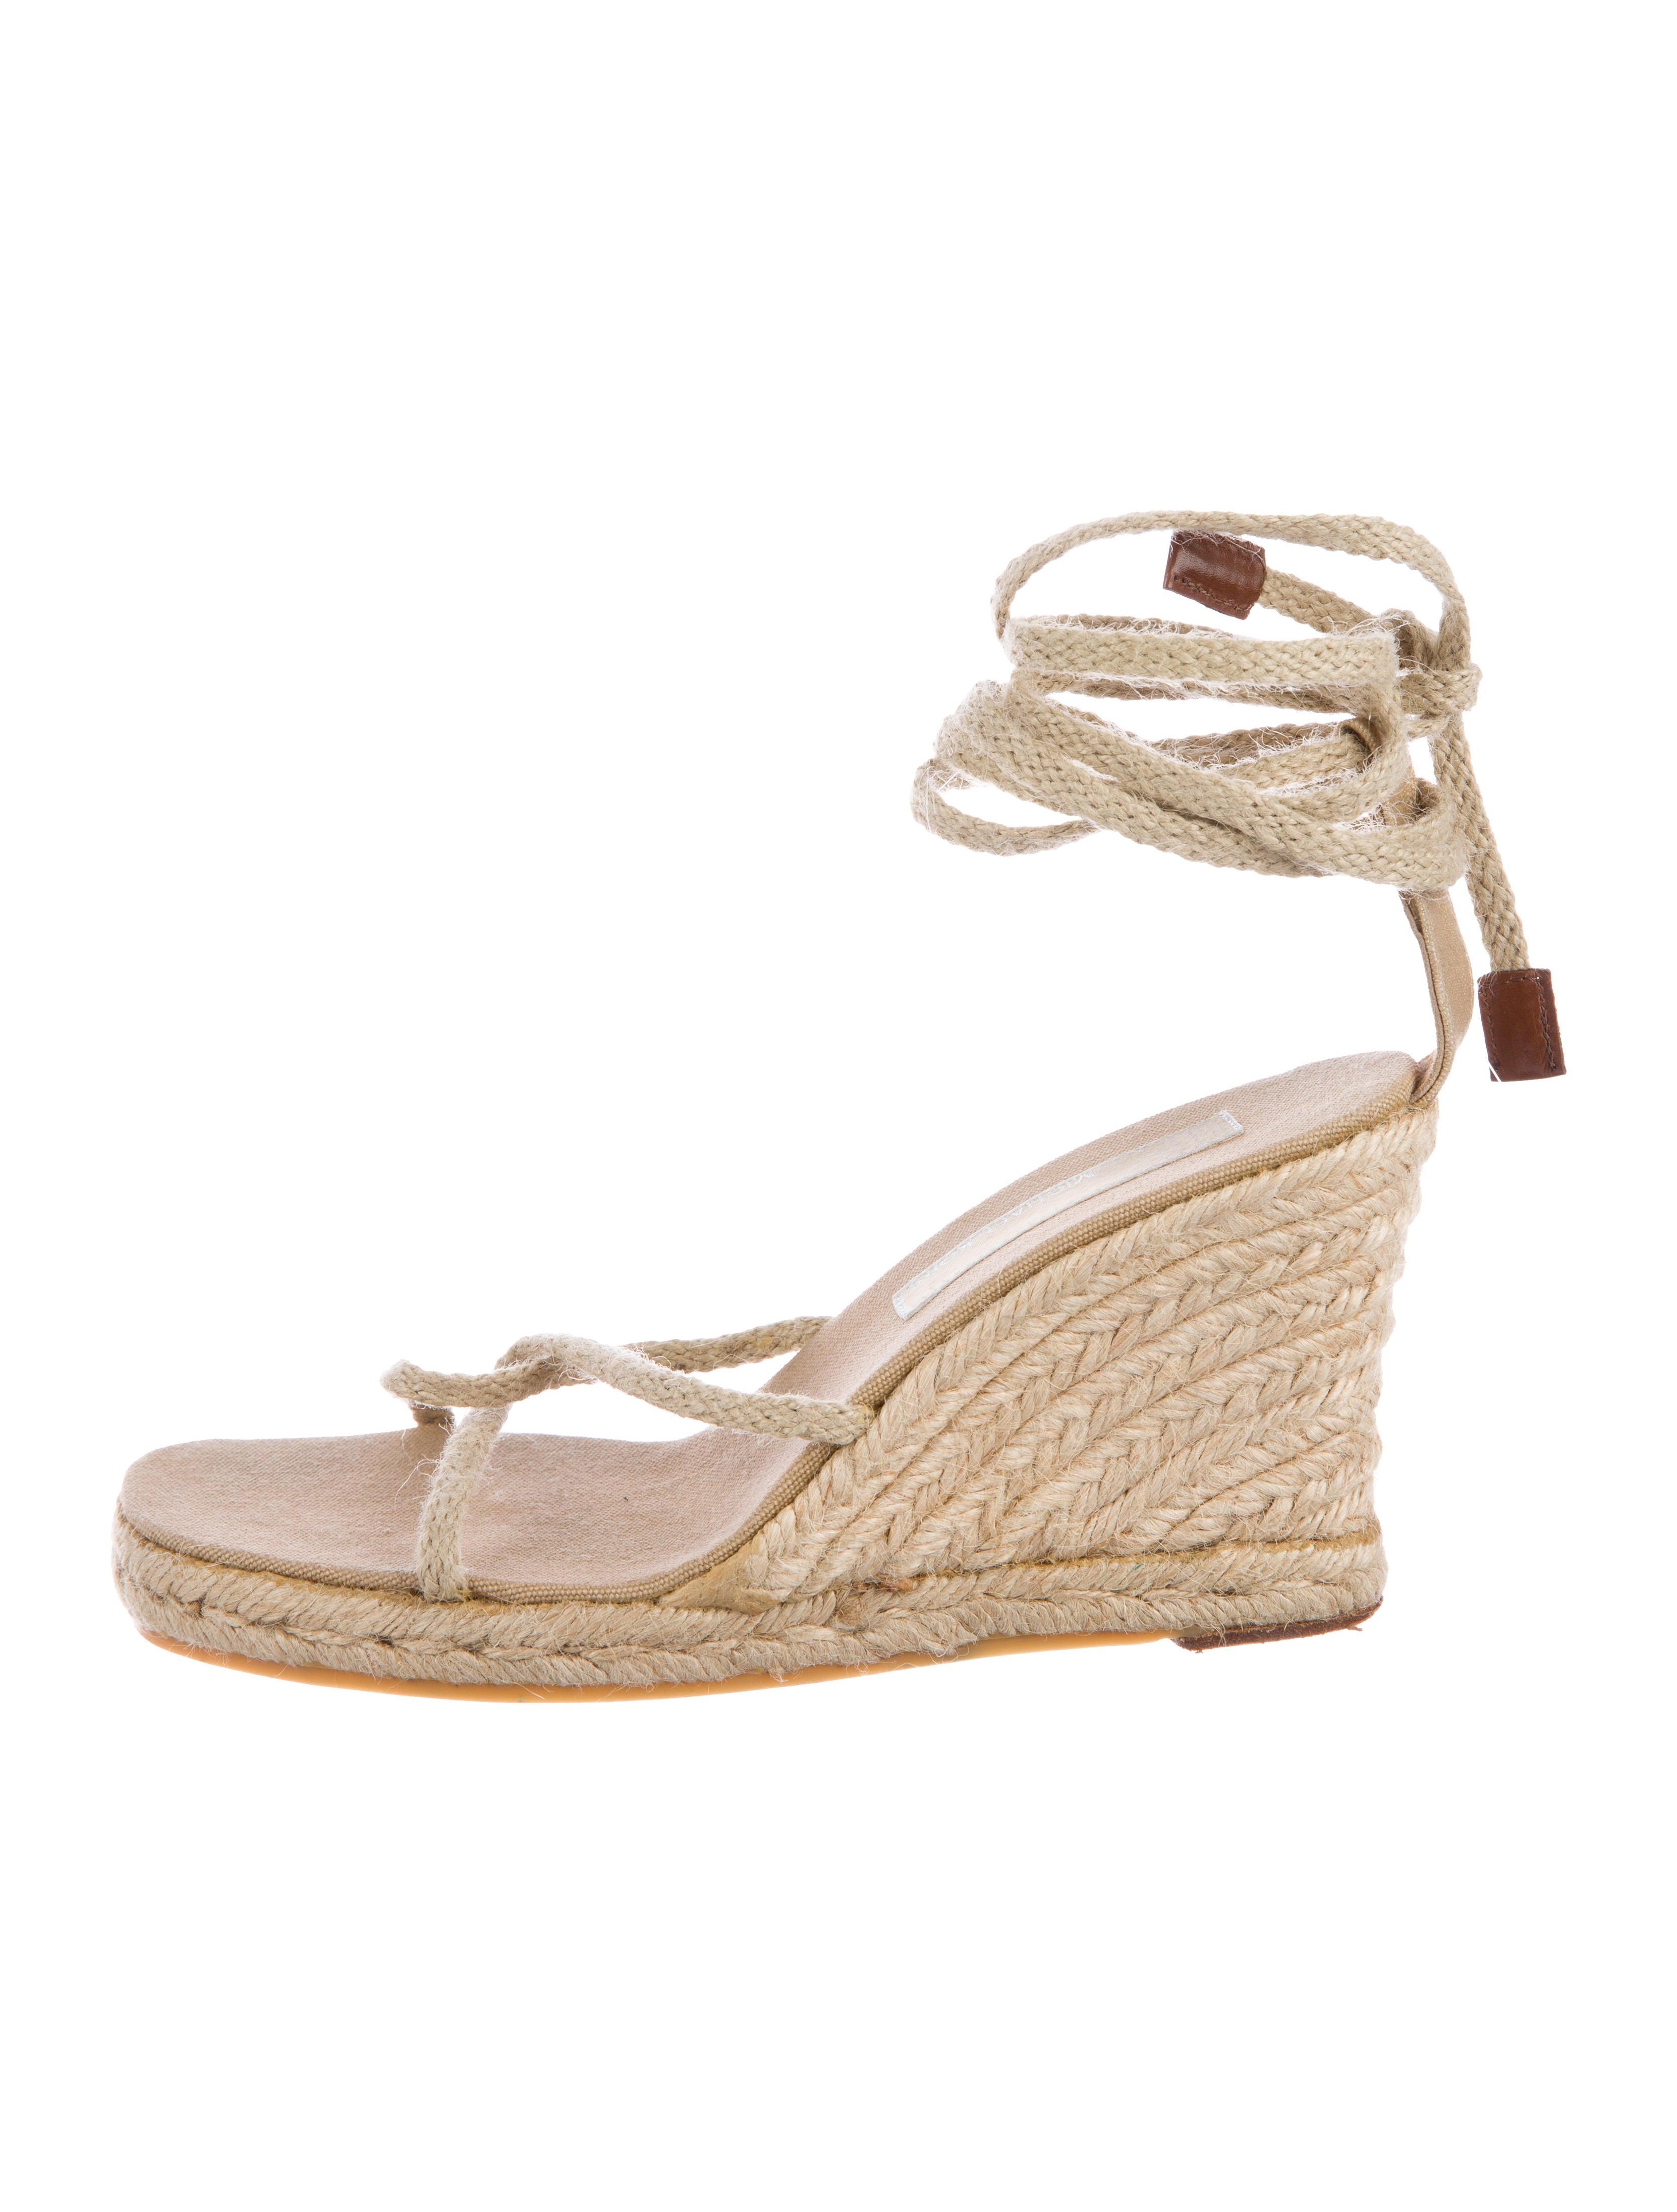 f85dae6c396 Michael Kors Ankle Tie Espadrille Sandals Shoes Mic62450 The. Kaltur White  Ankle Tie Flatform Espadrille Sandals